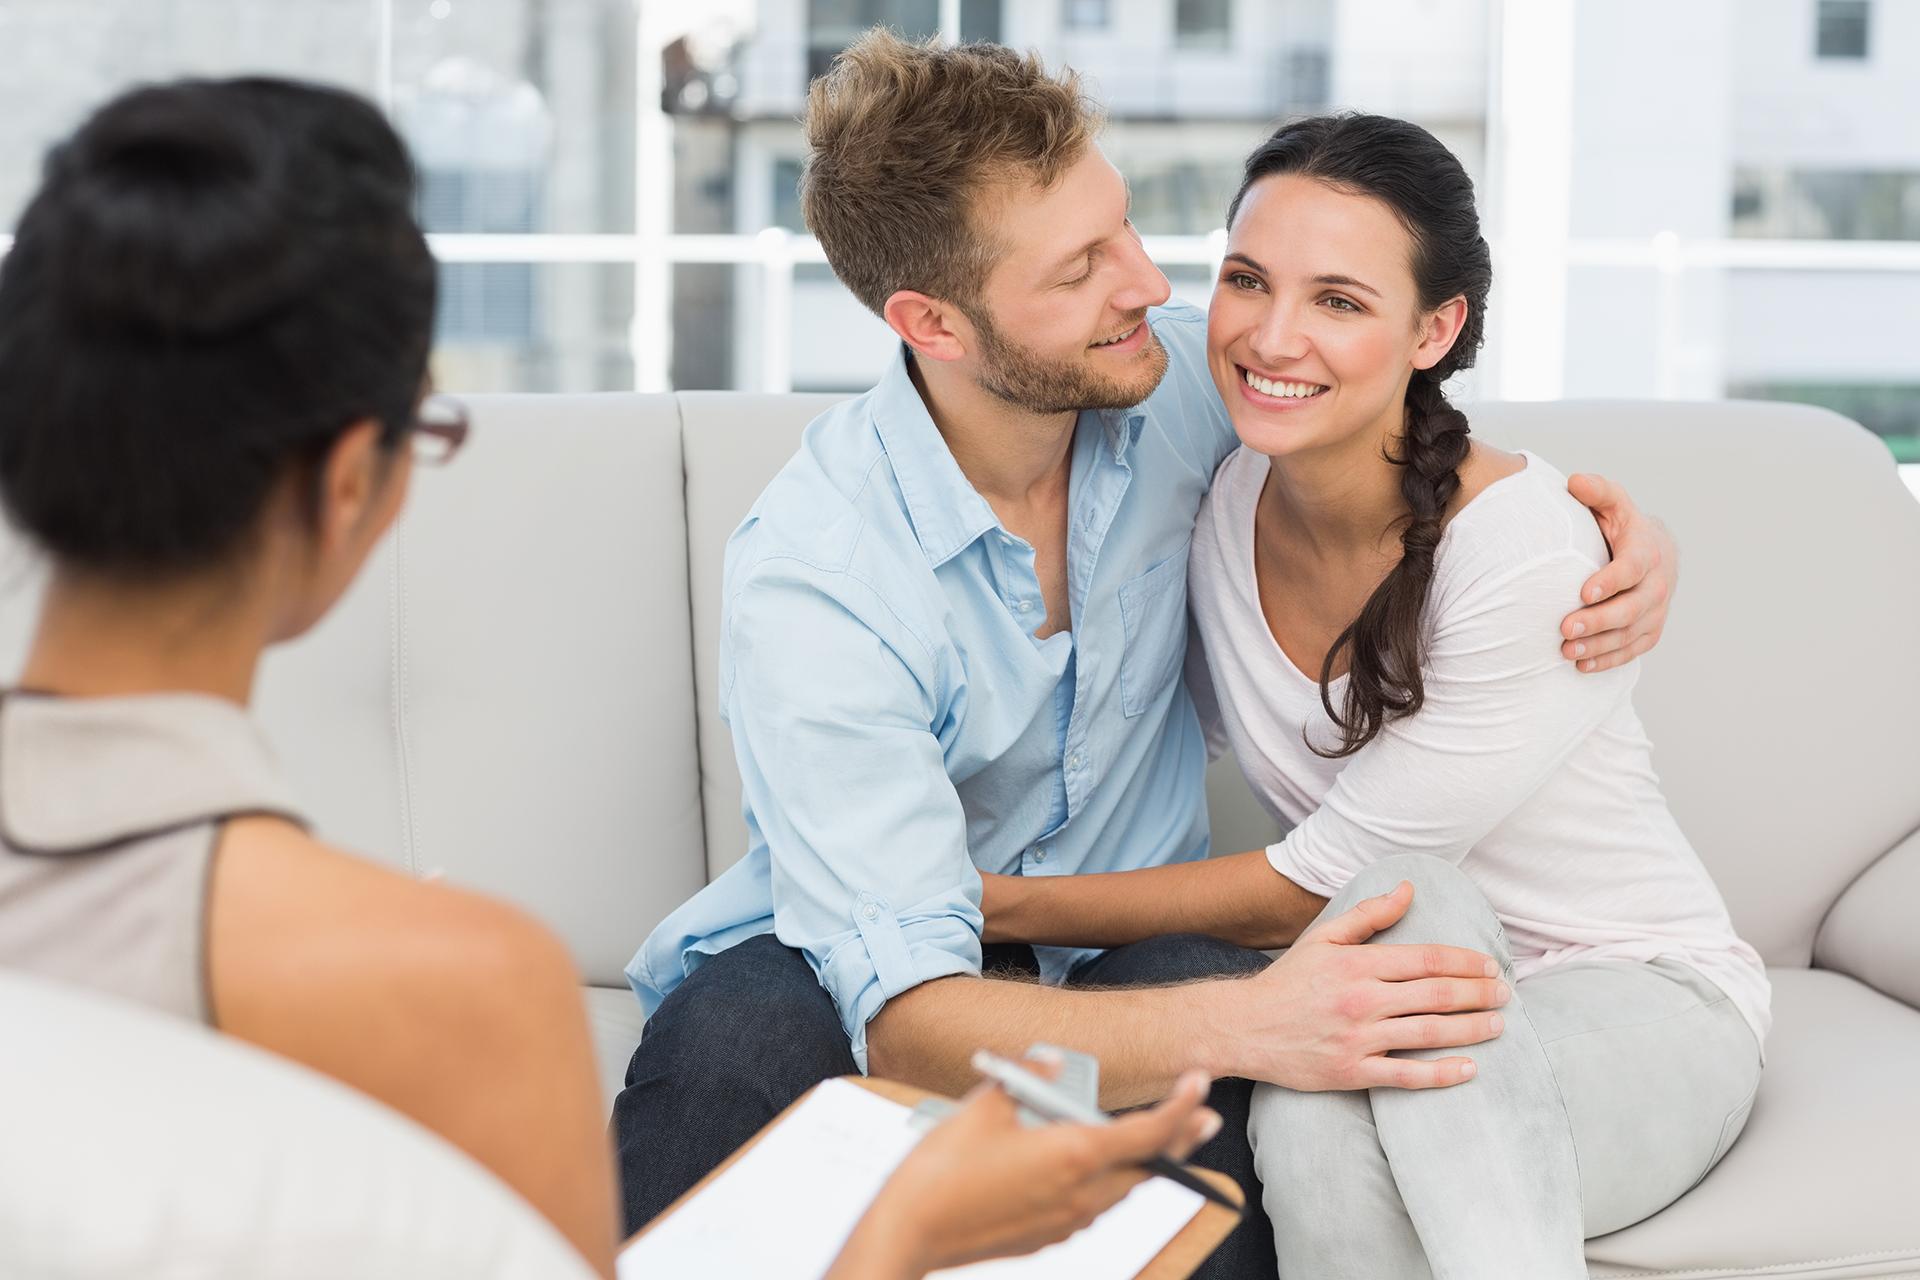 Çift Terapisi ve Evlilik Danışmanlığı